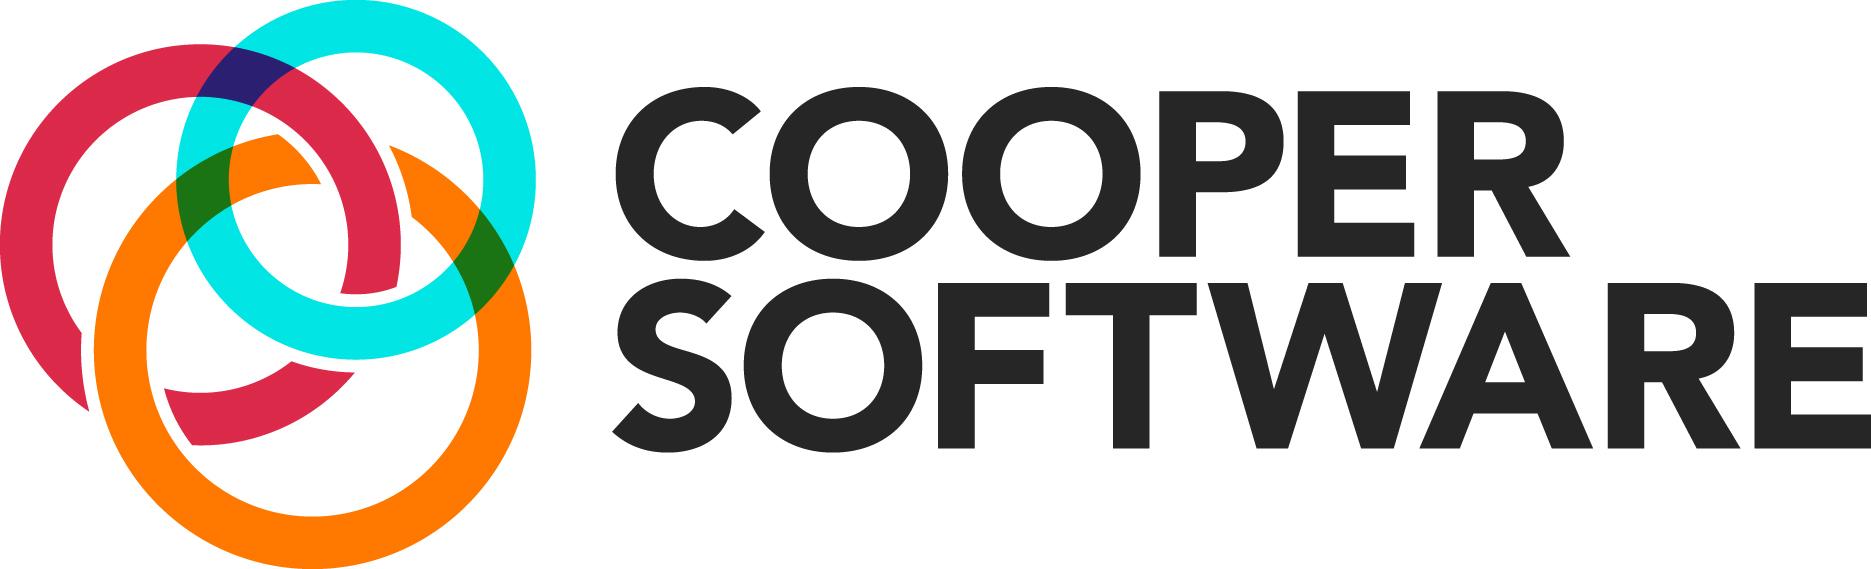 Corporate Golf Edinburgh Cooper Software